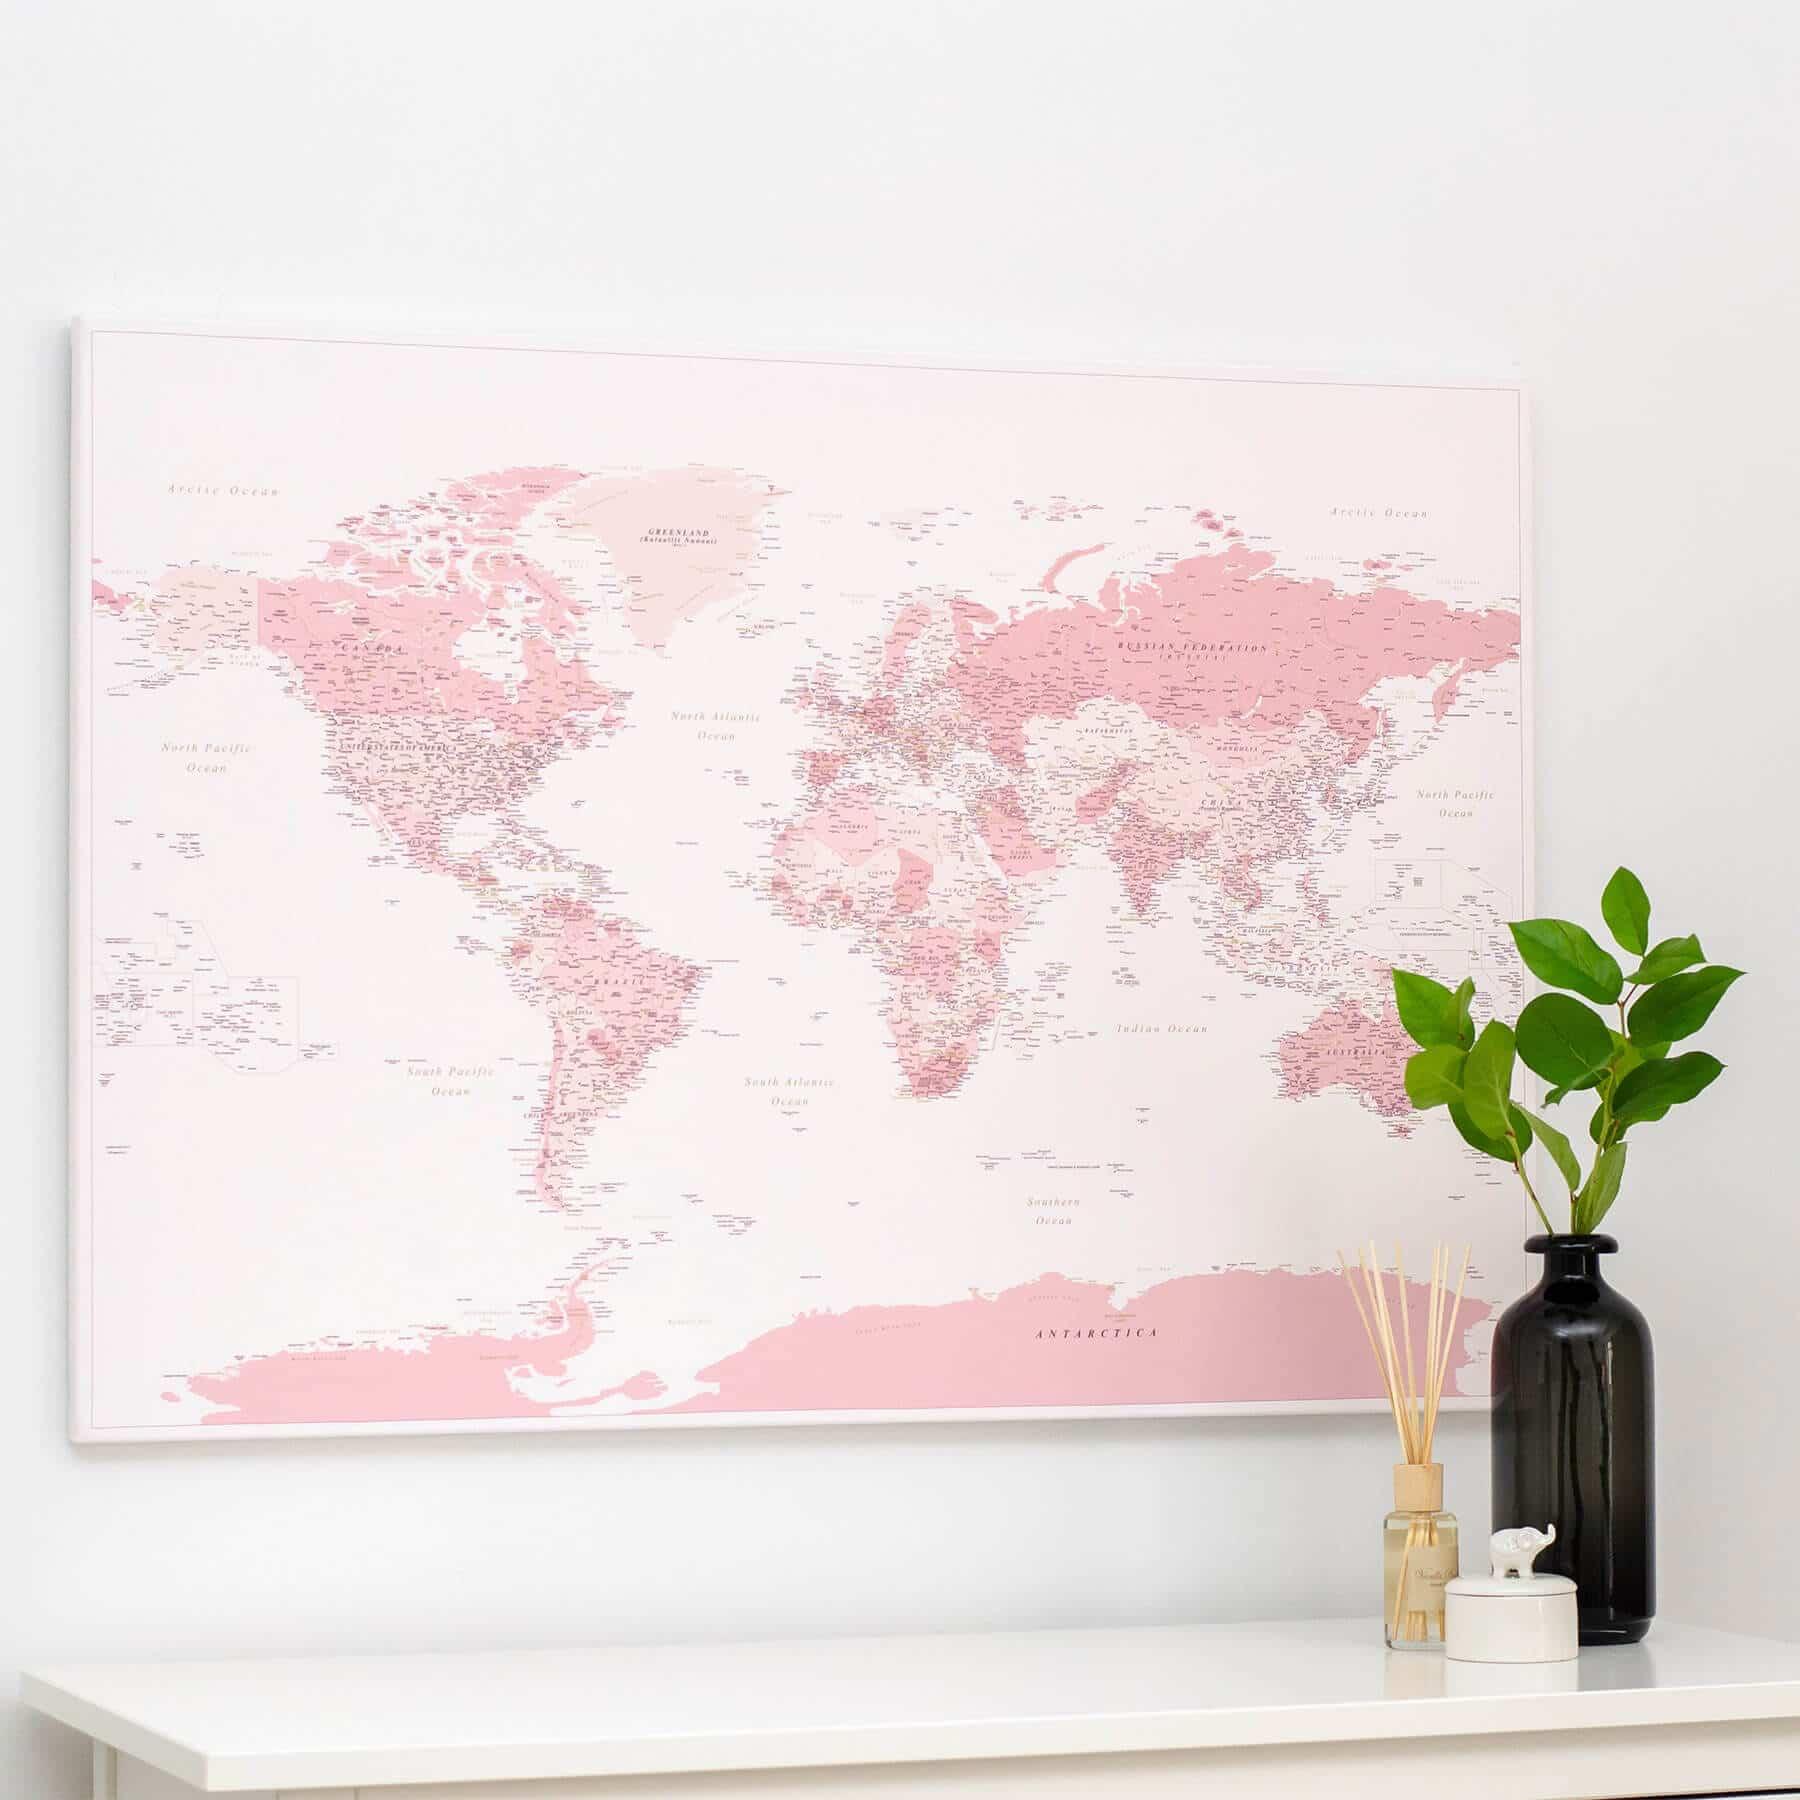 World Push Pin Map - Pink (Detailed) - Push Pin Travel Maps